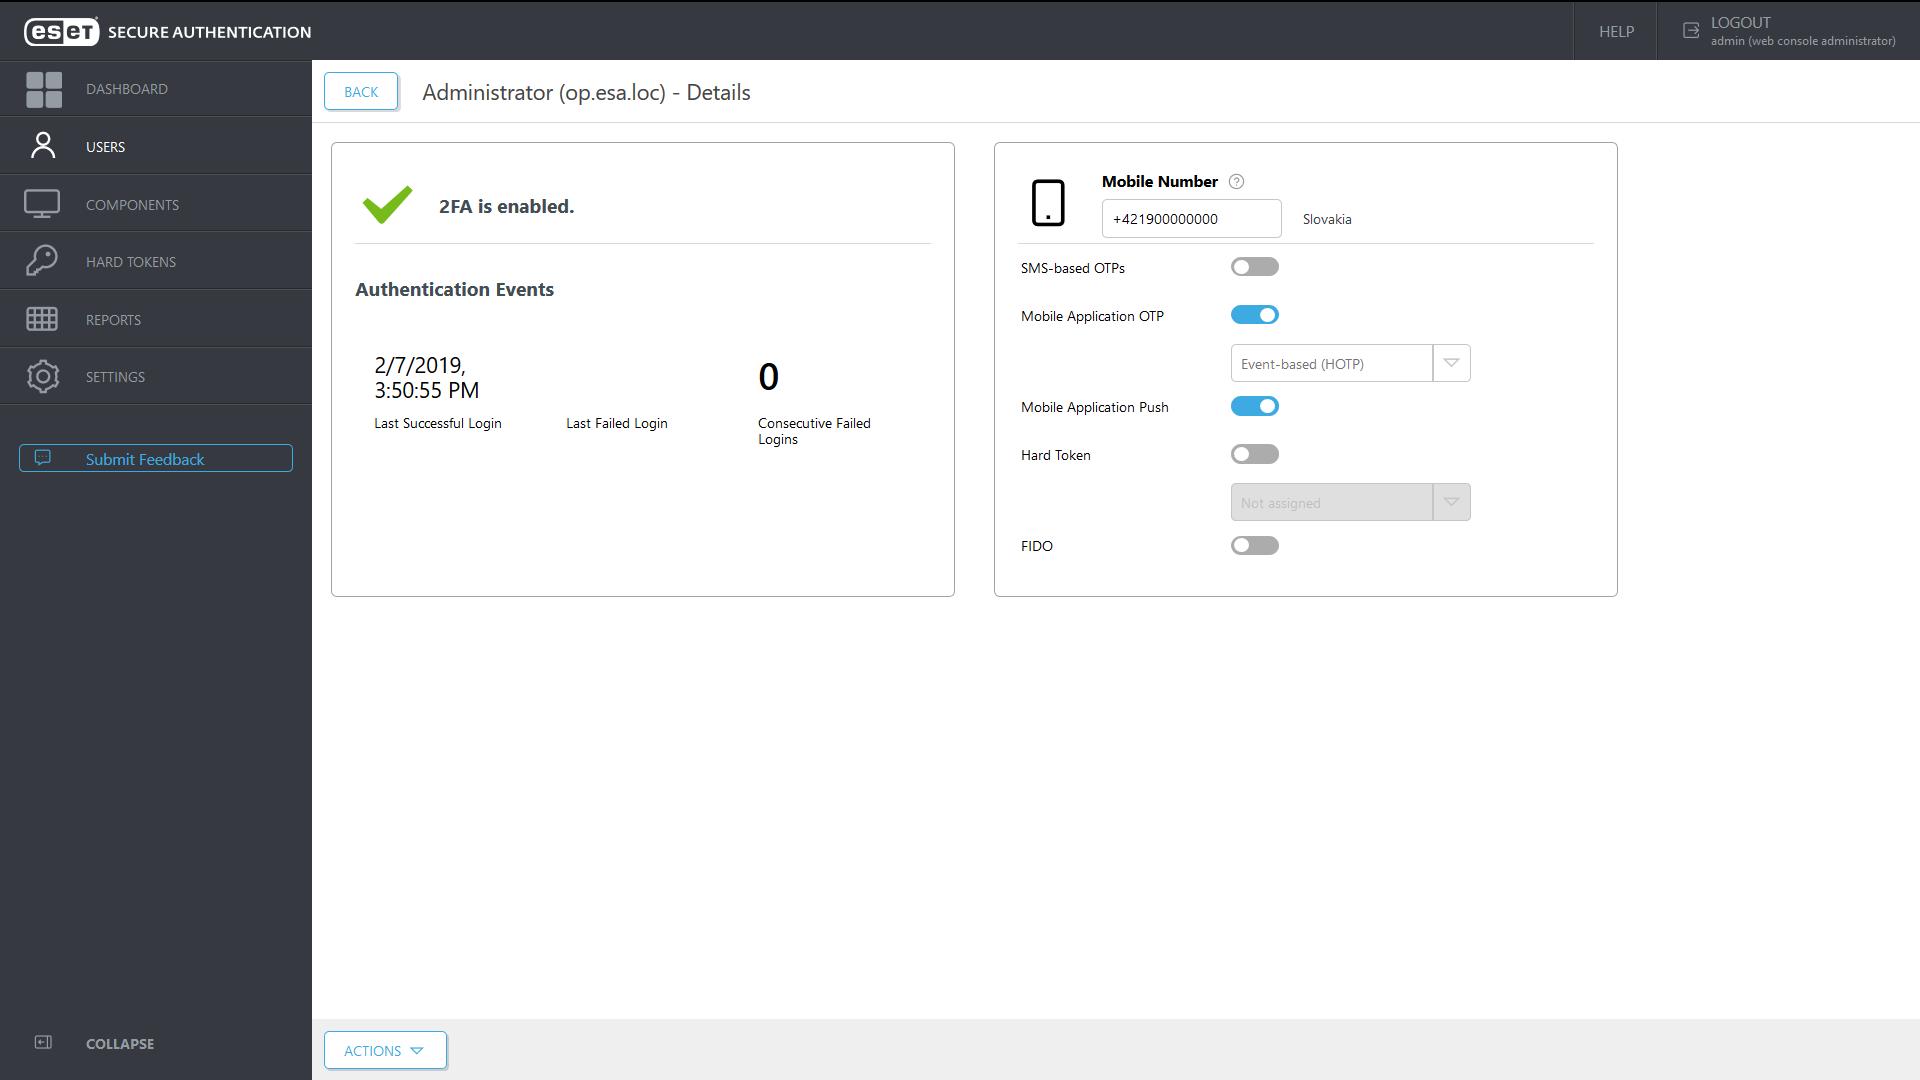 ESET Secure Autentication - Administrator details